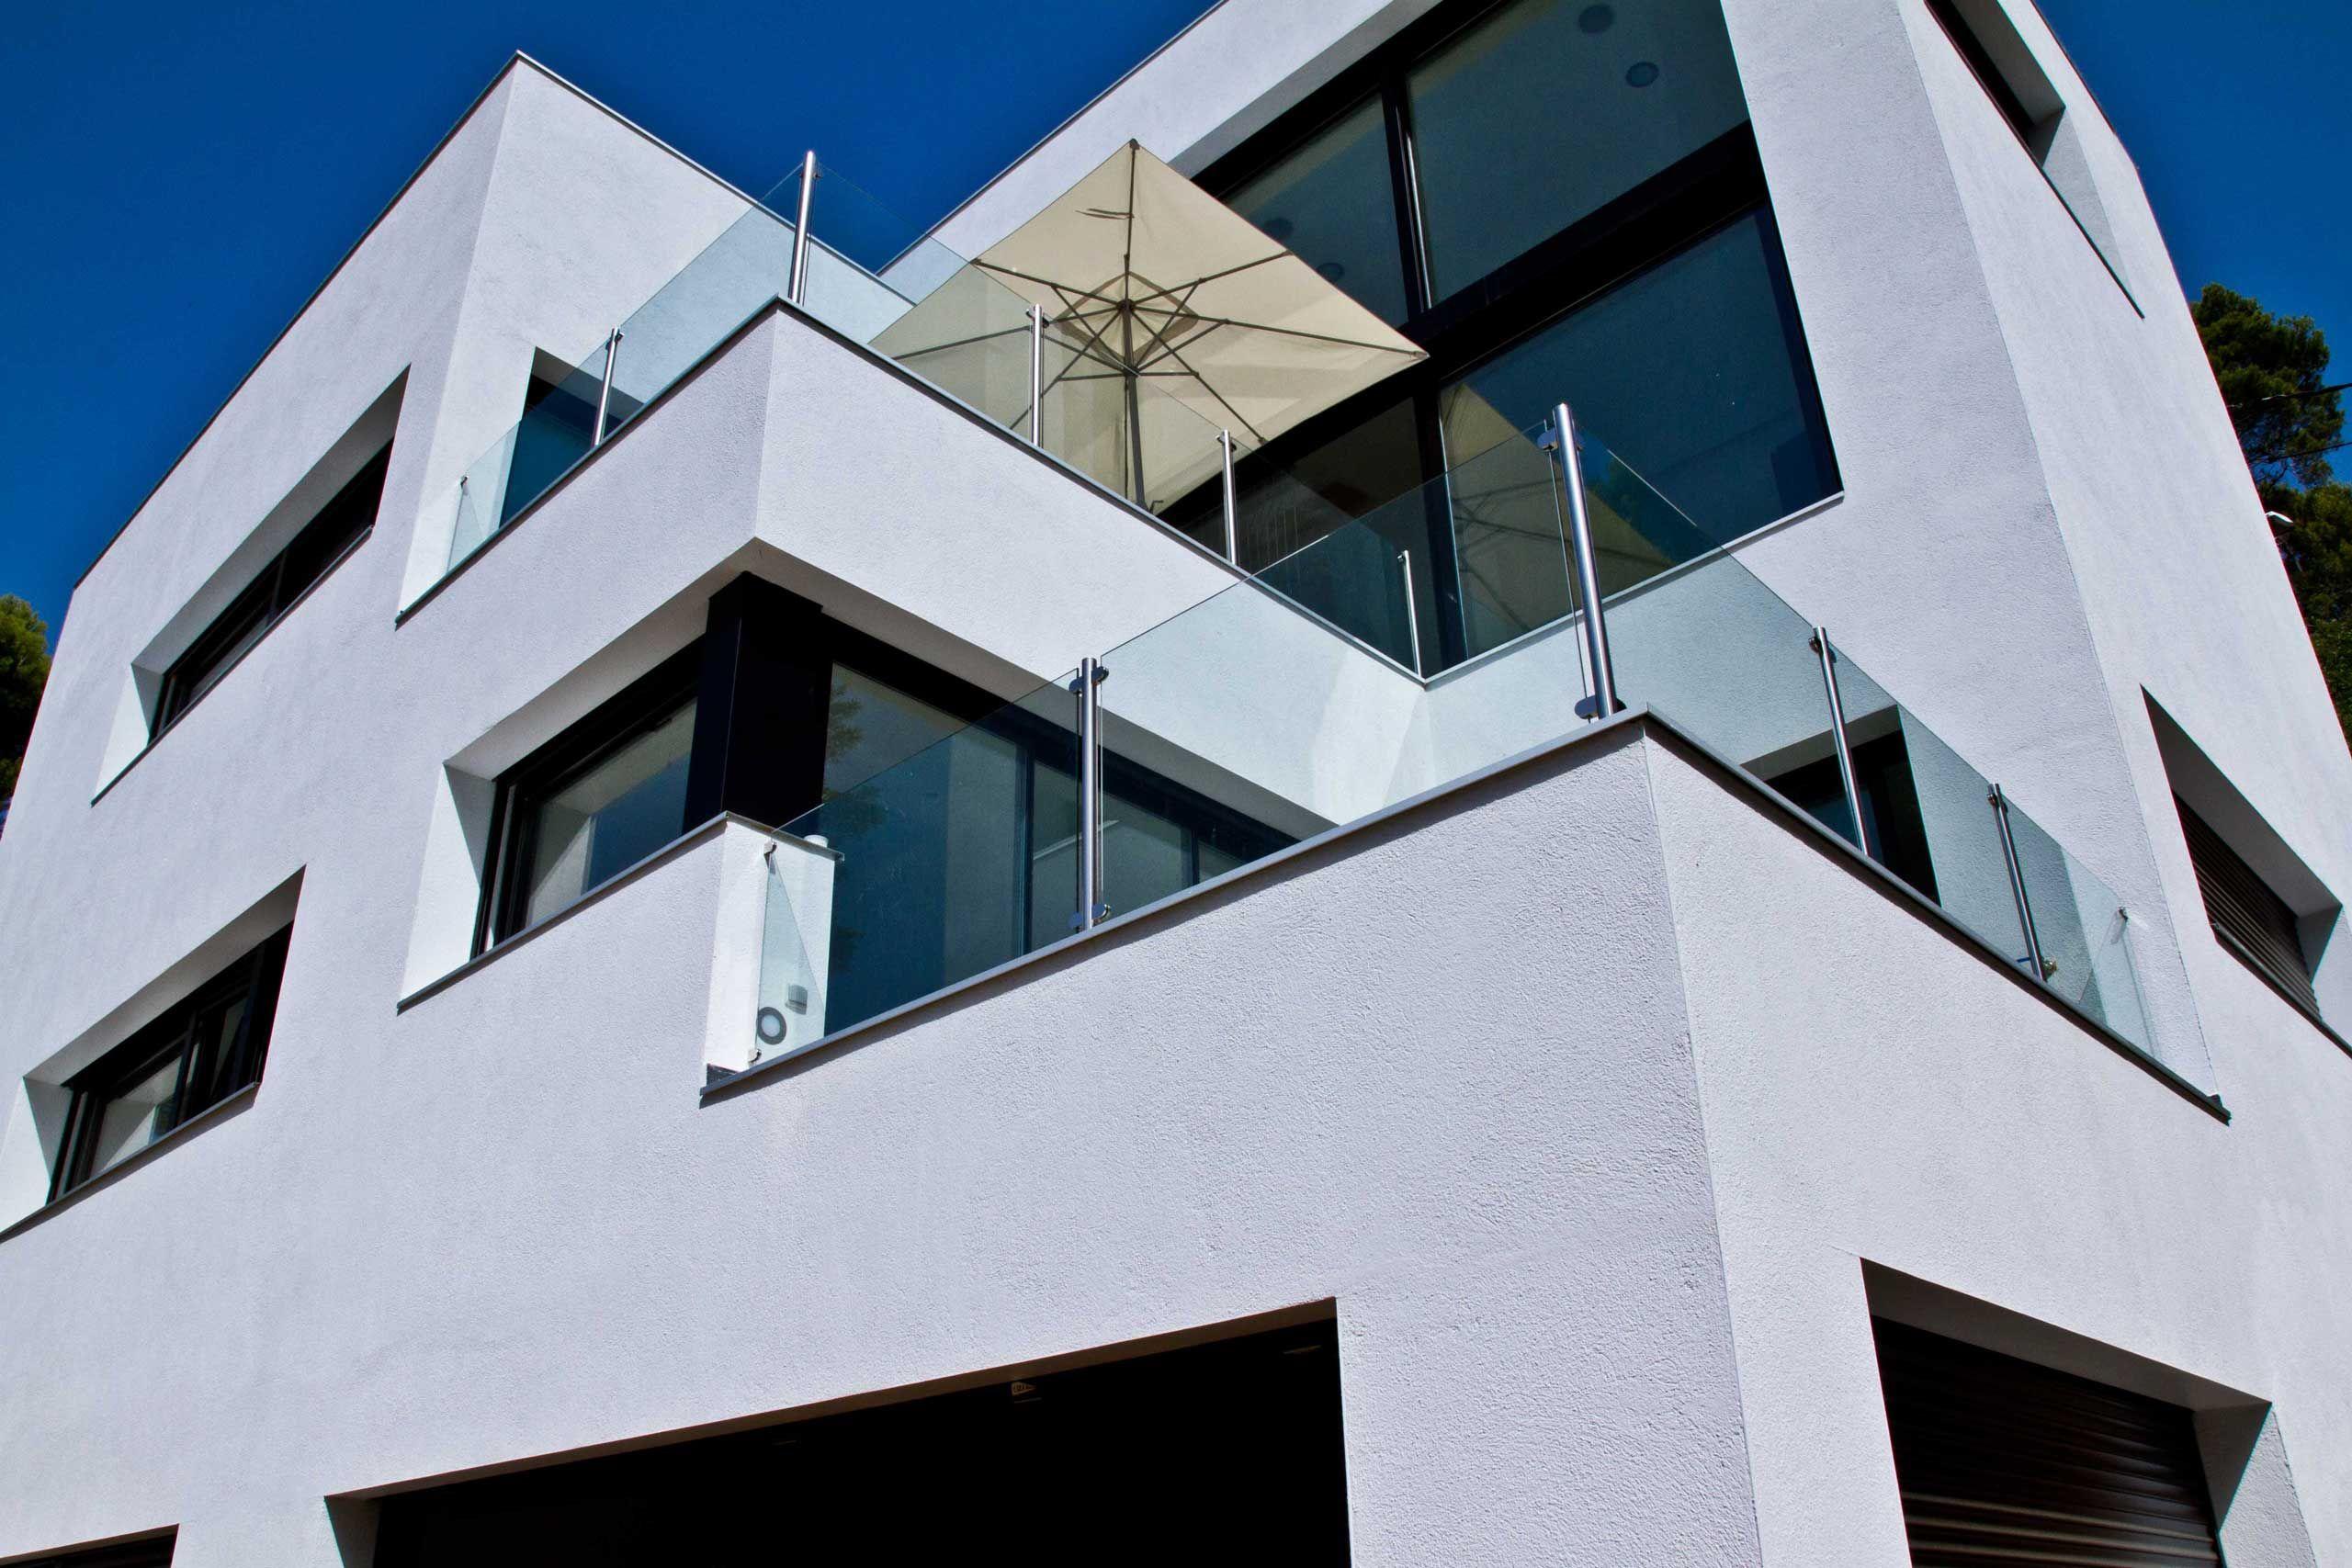 Edificios #Moderno #Balcon #Exterior #Fachada #Vidrio #Barandillas ...